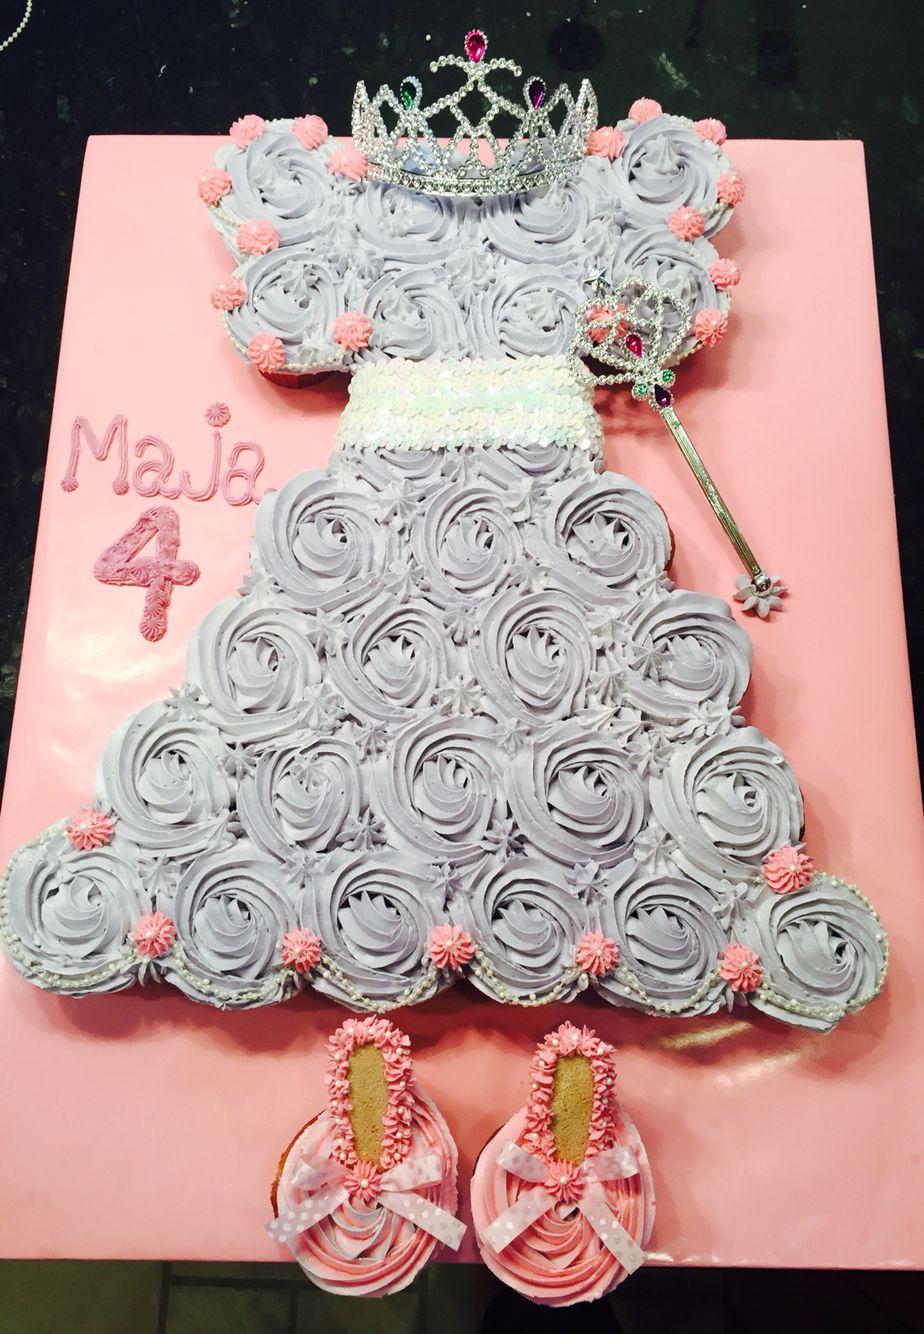 Princess cupcakes by Jaxi